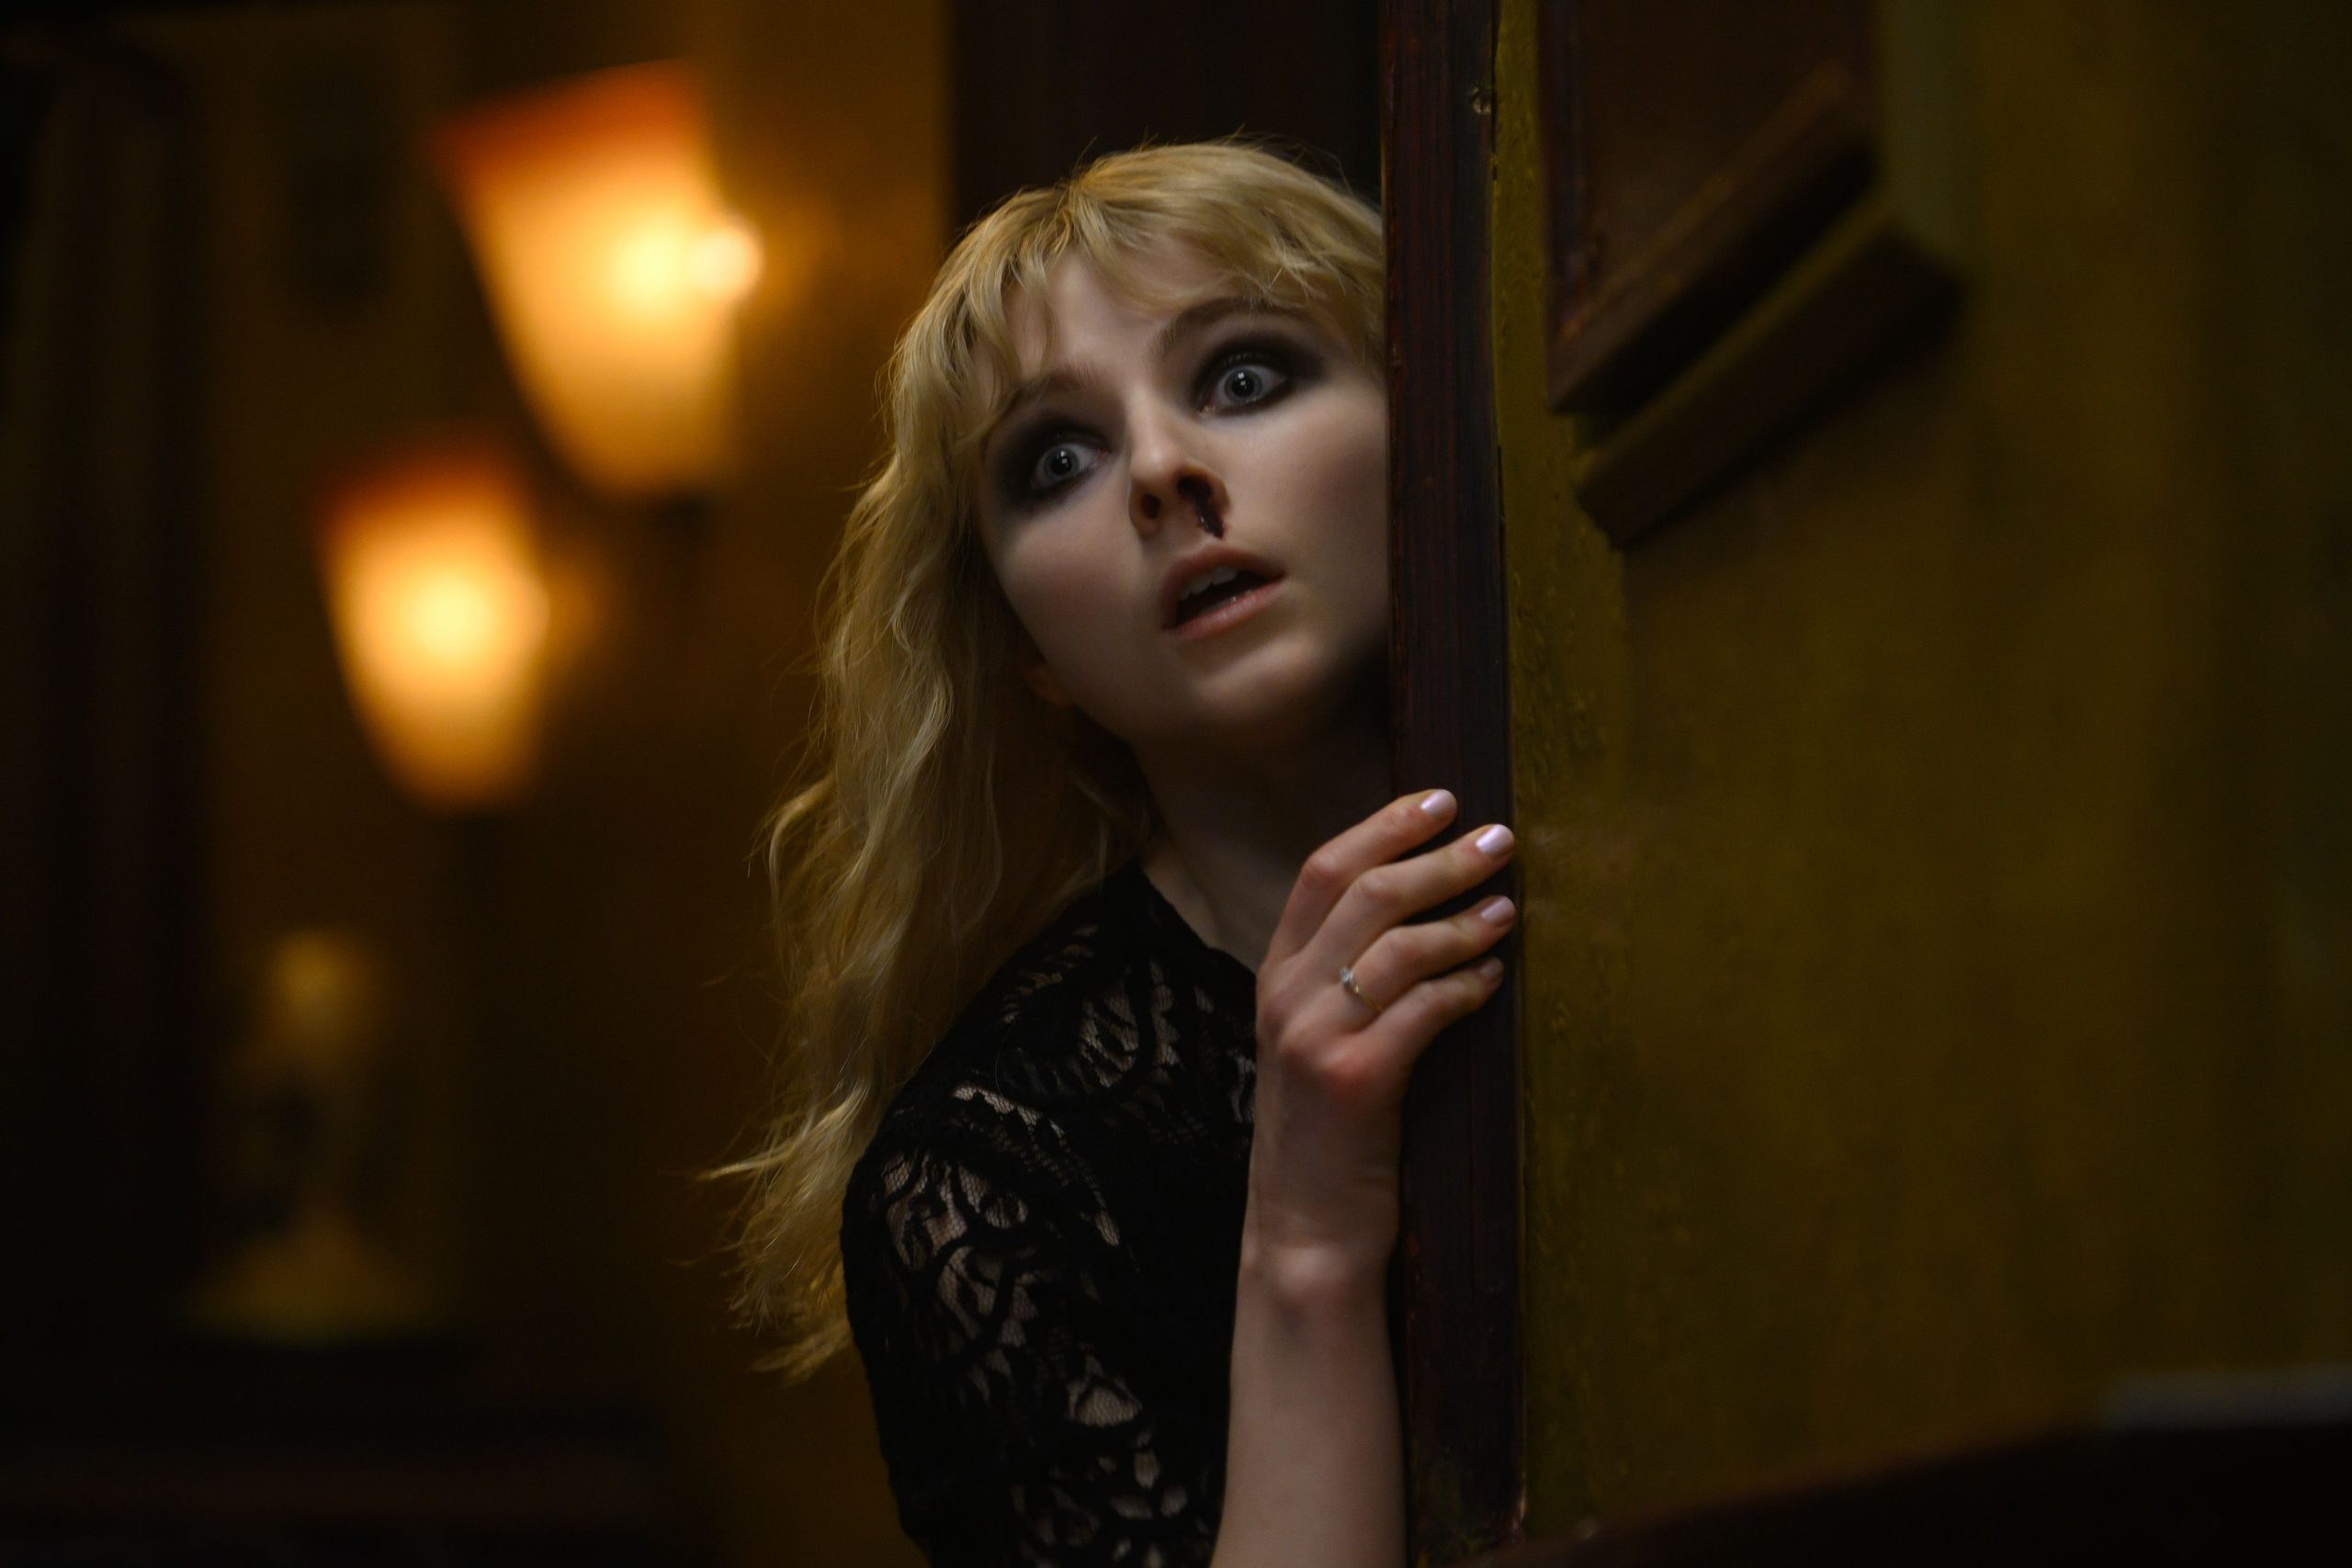 Первый трейлер «Прошлой ночью в Сохо» с Аней Тейлор-Джой 9